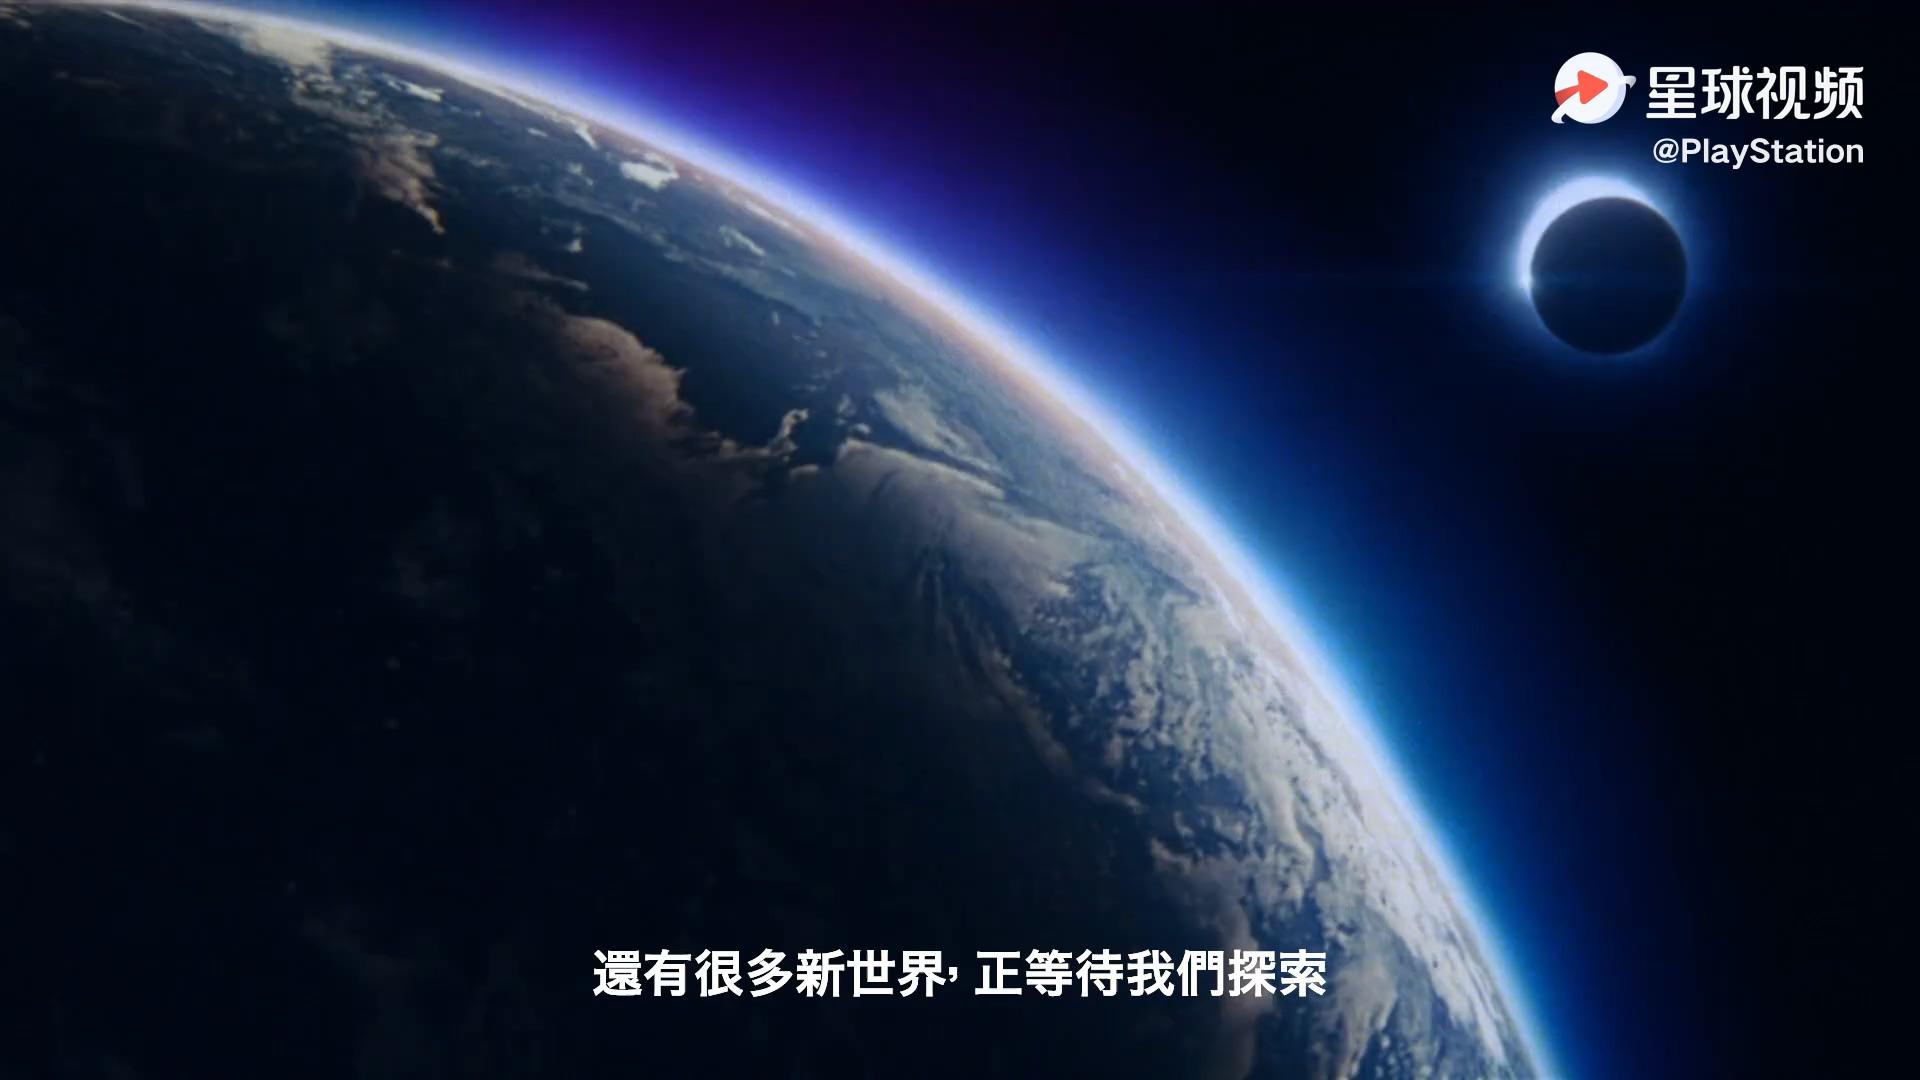 PS5上市宣传片公开 致敬突破极限的探险家们